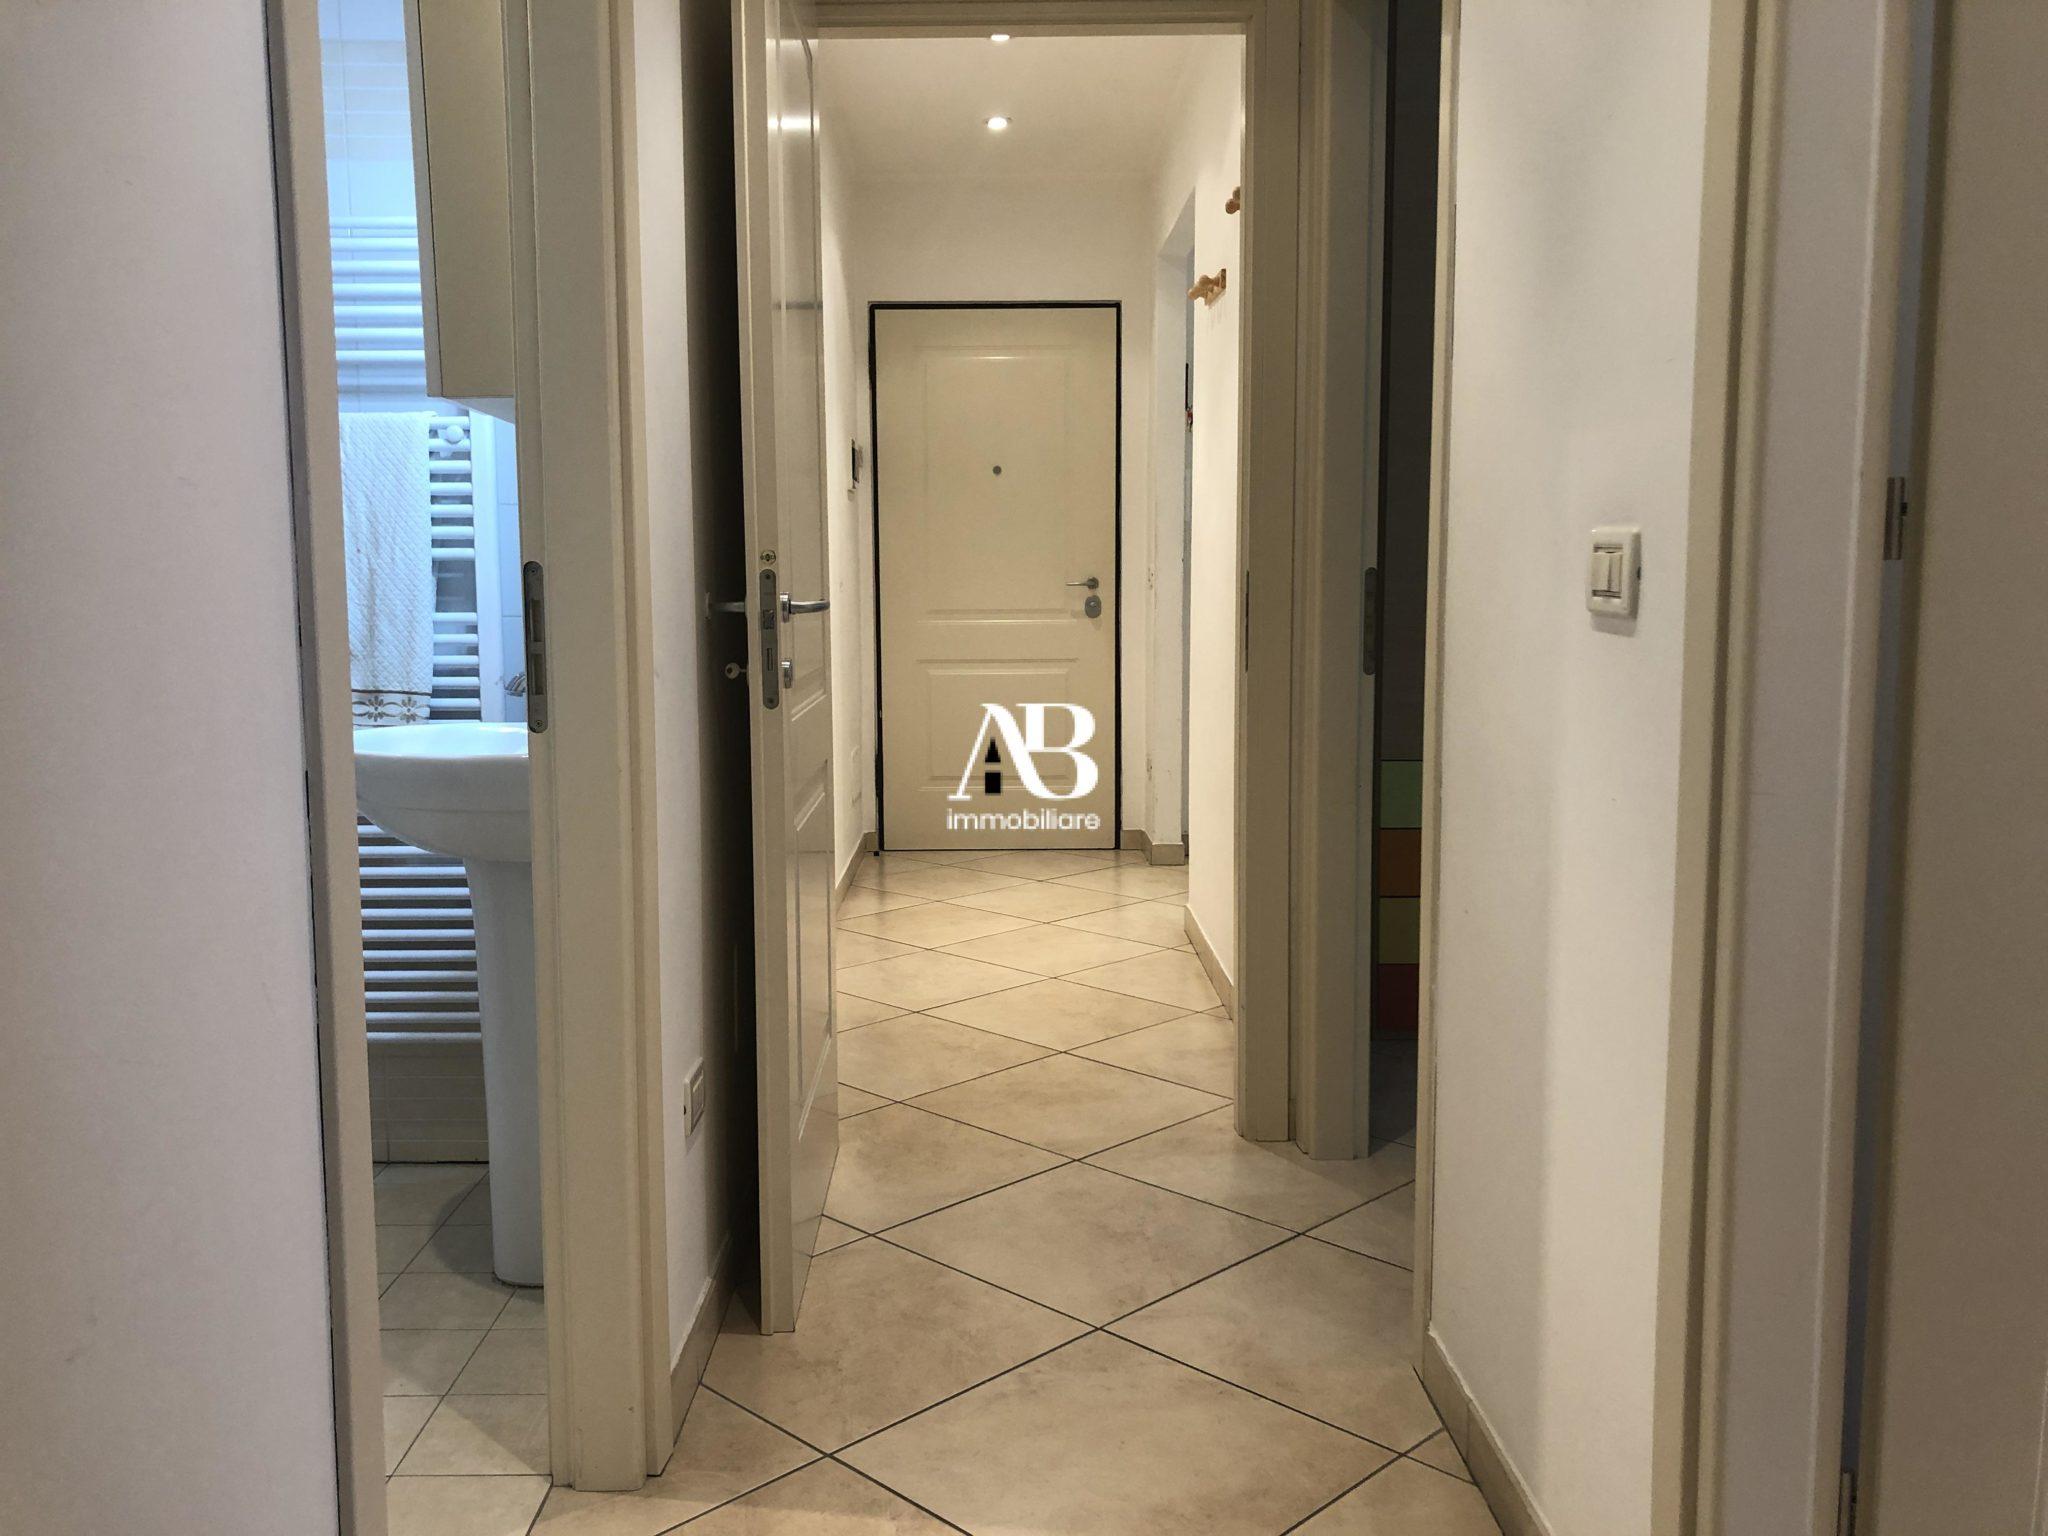 Appartamento ristrutturato con 2 matrimoniali